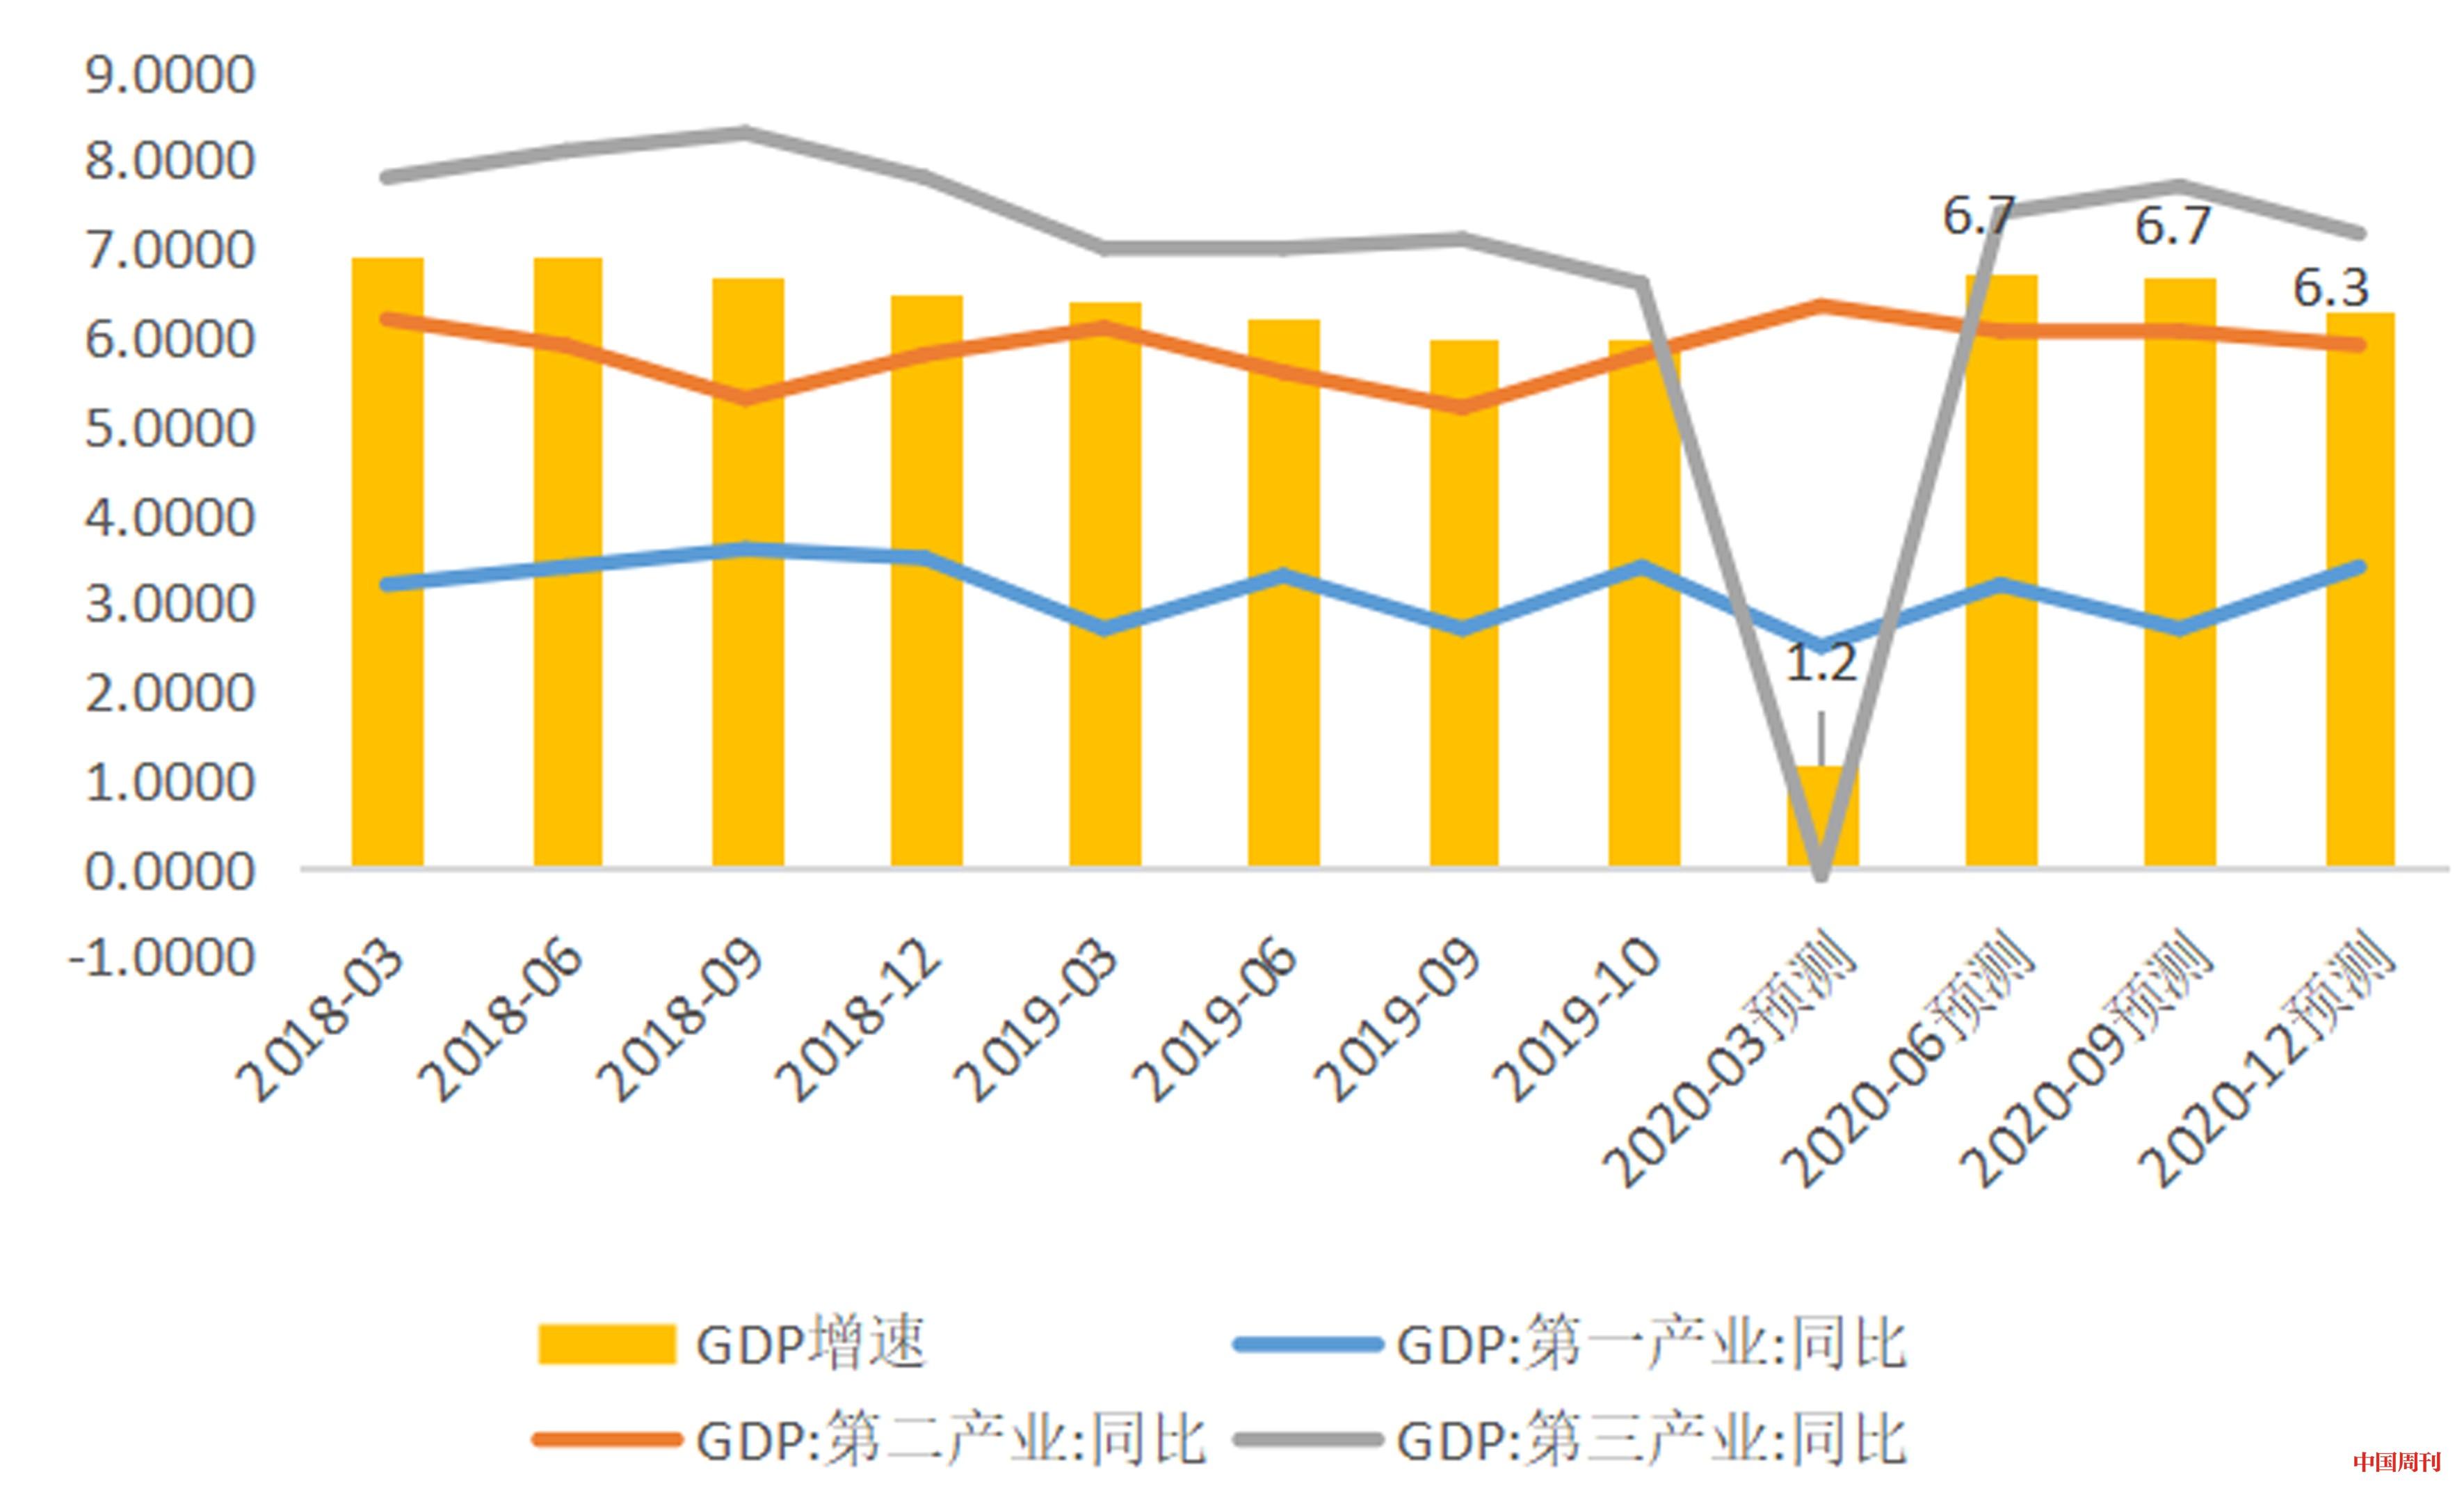 2020全国gdp增速_2020各国gdp增速